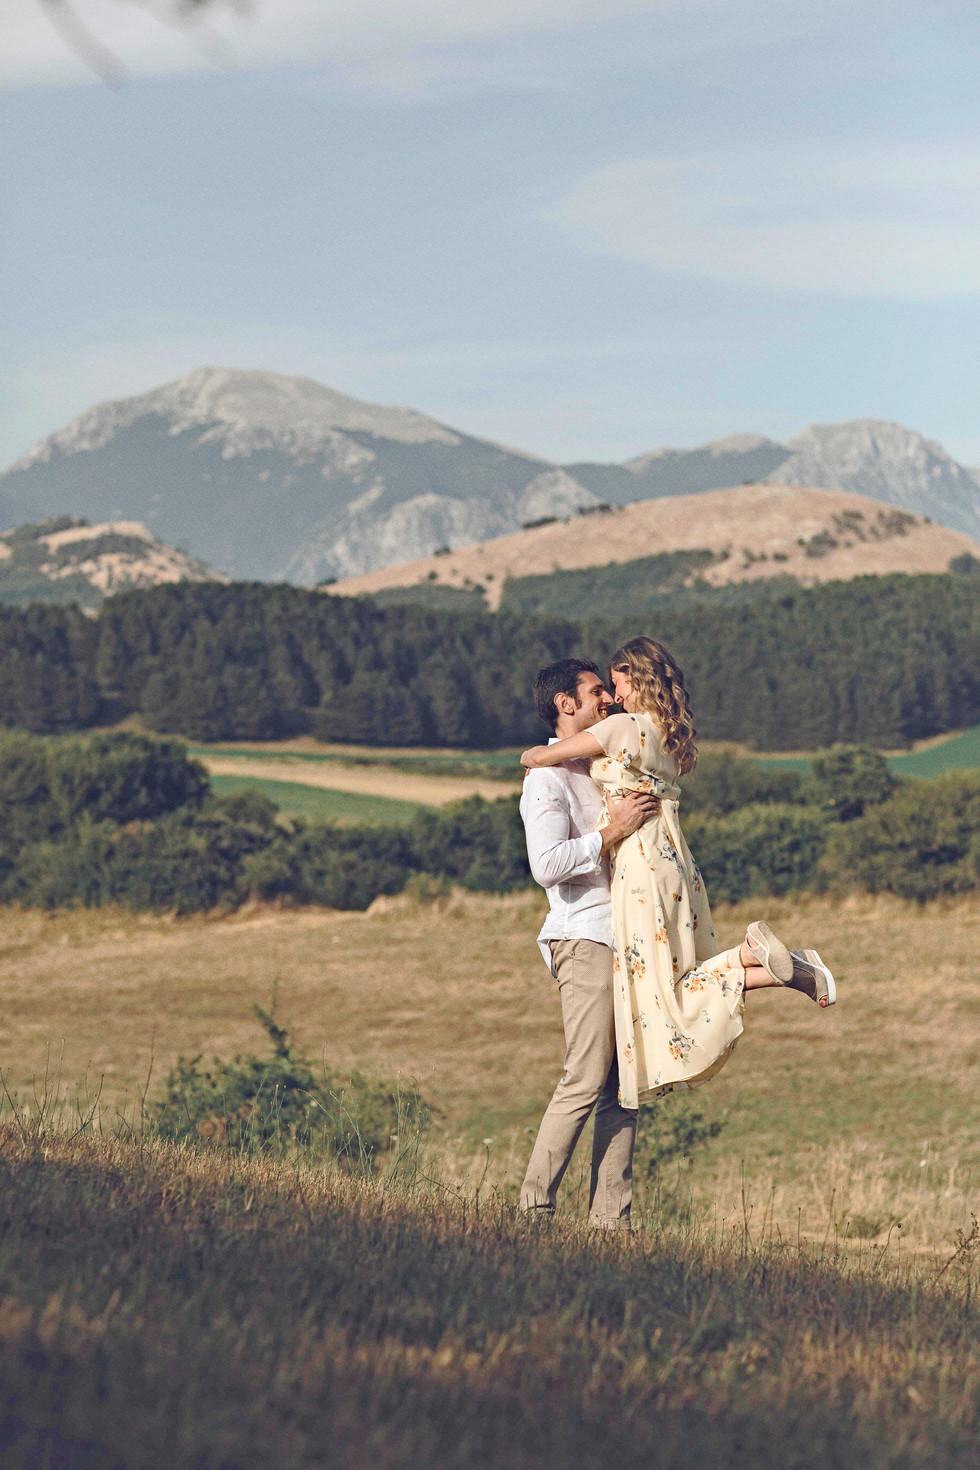 Un meraviglioso pomeriggio nel Parco della Lavanda!